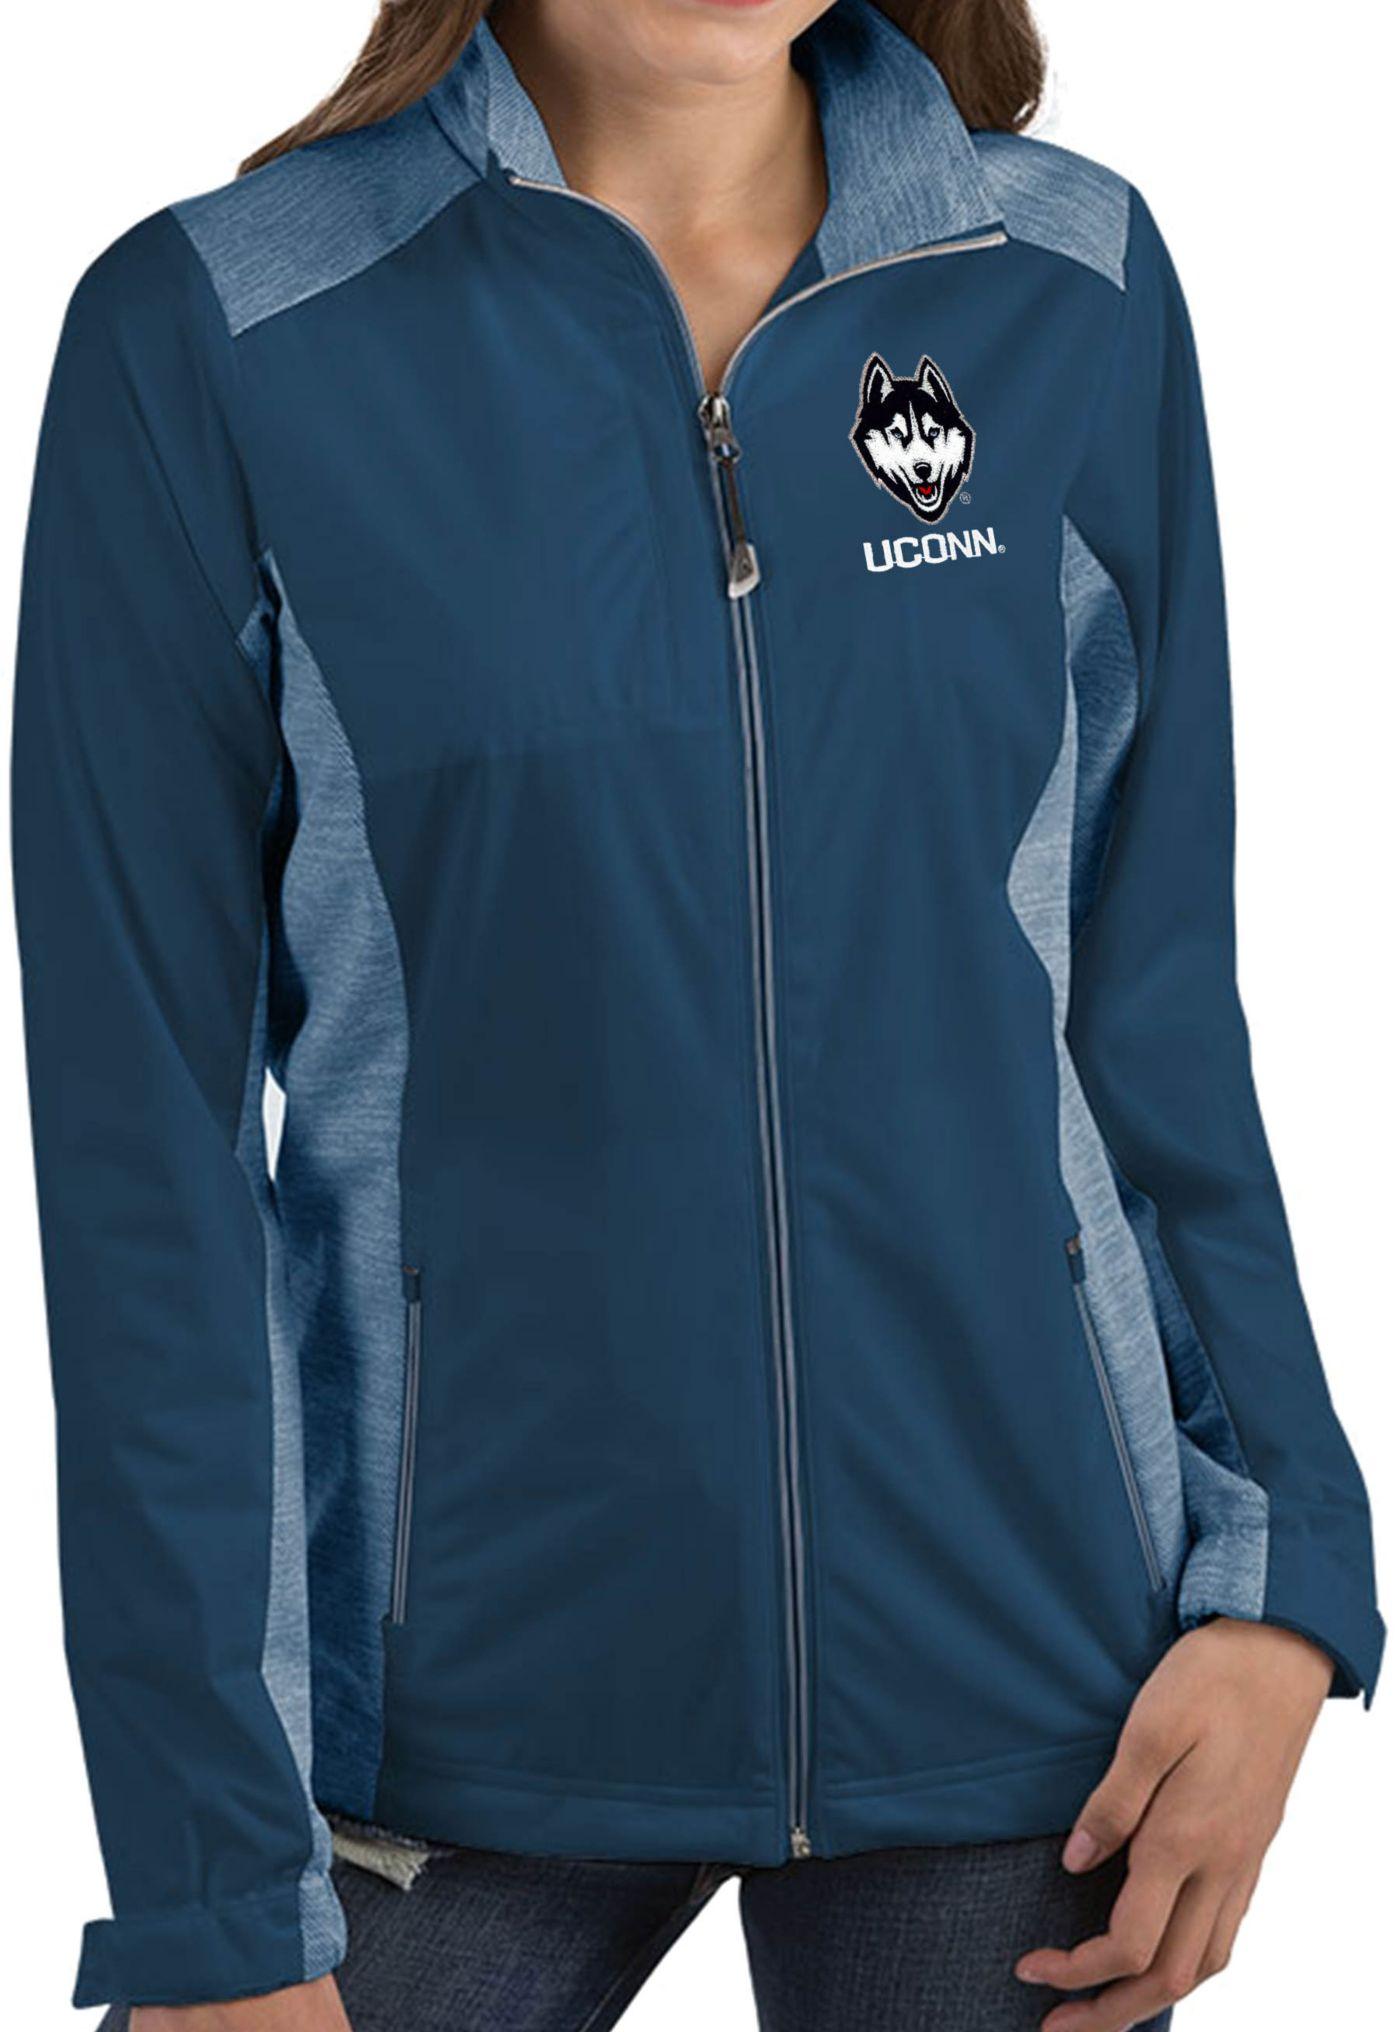 Antigua Women's UConn Huskies Blue Revolve Full-Zip Jacket